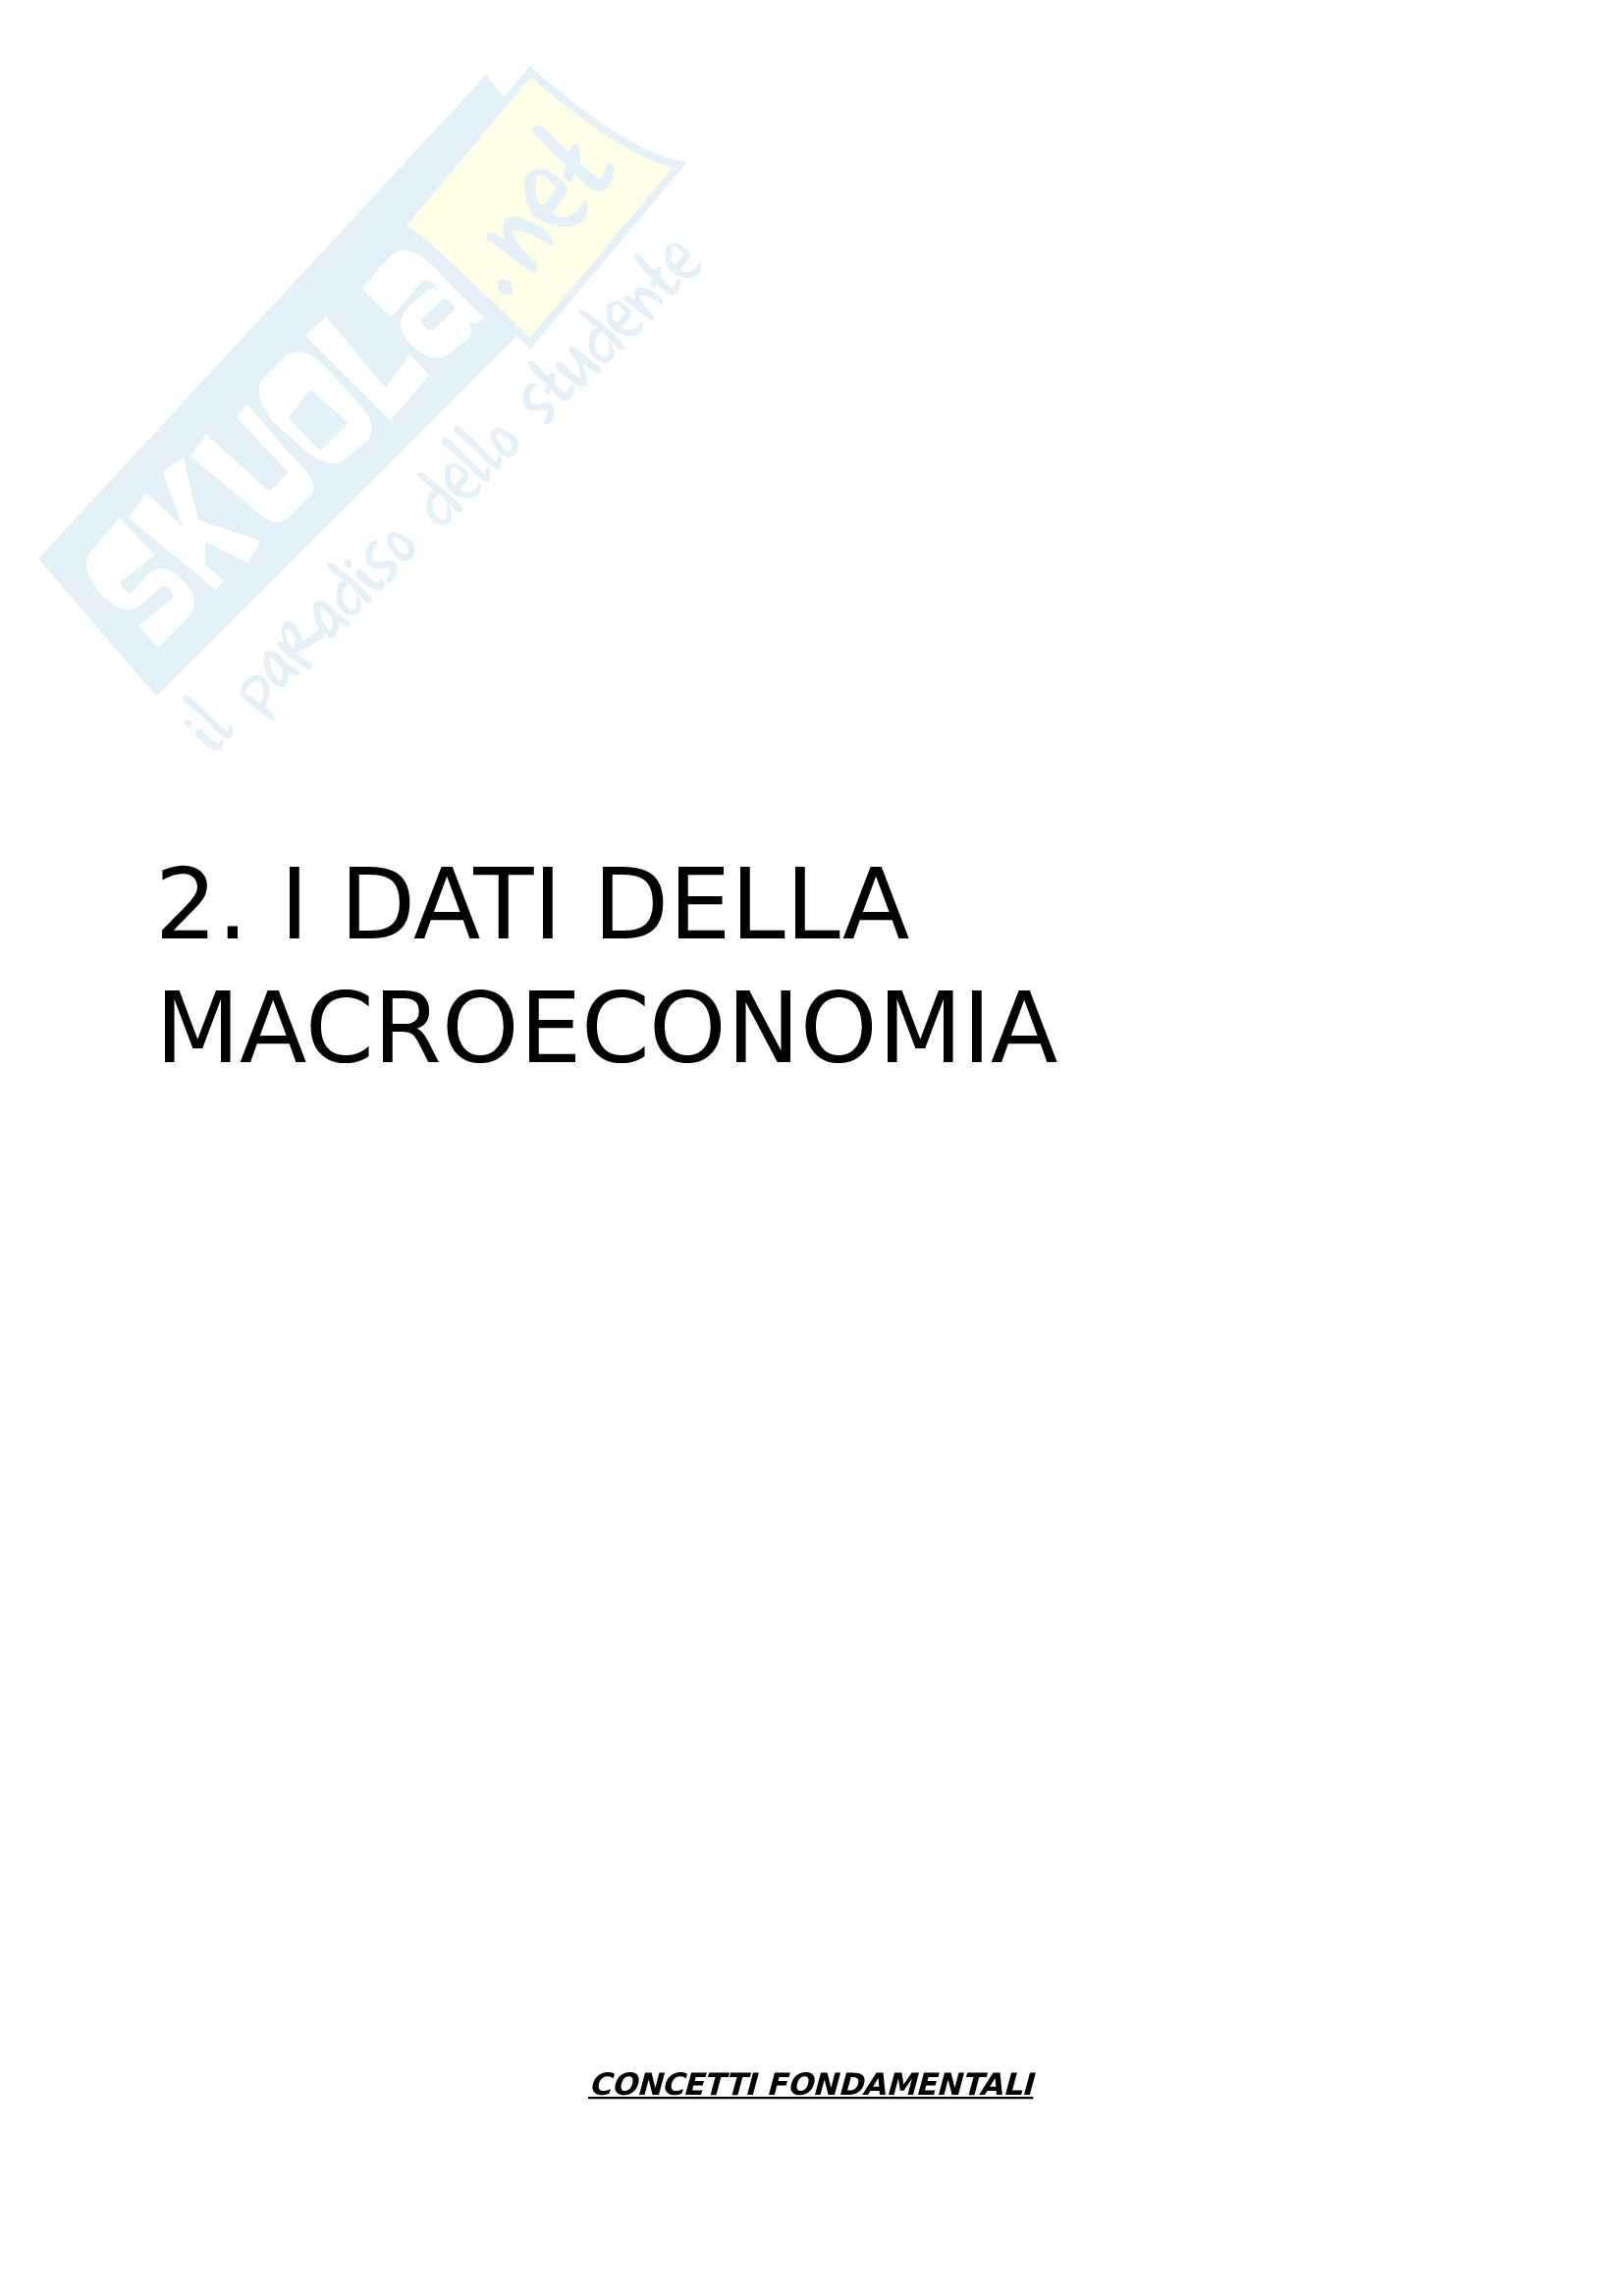 2. I dati della macroeconomia